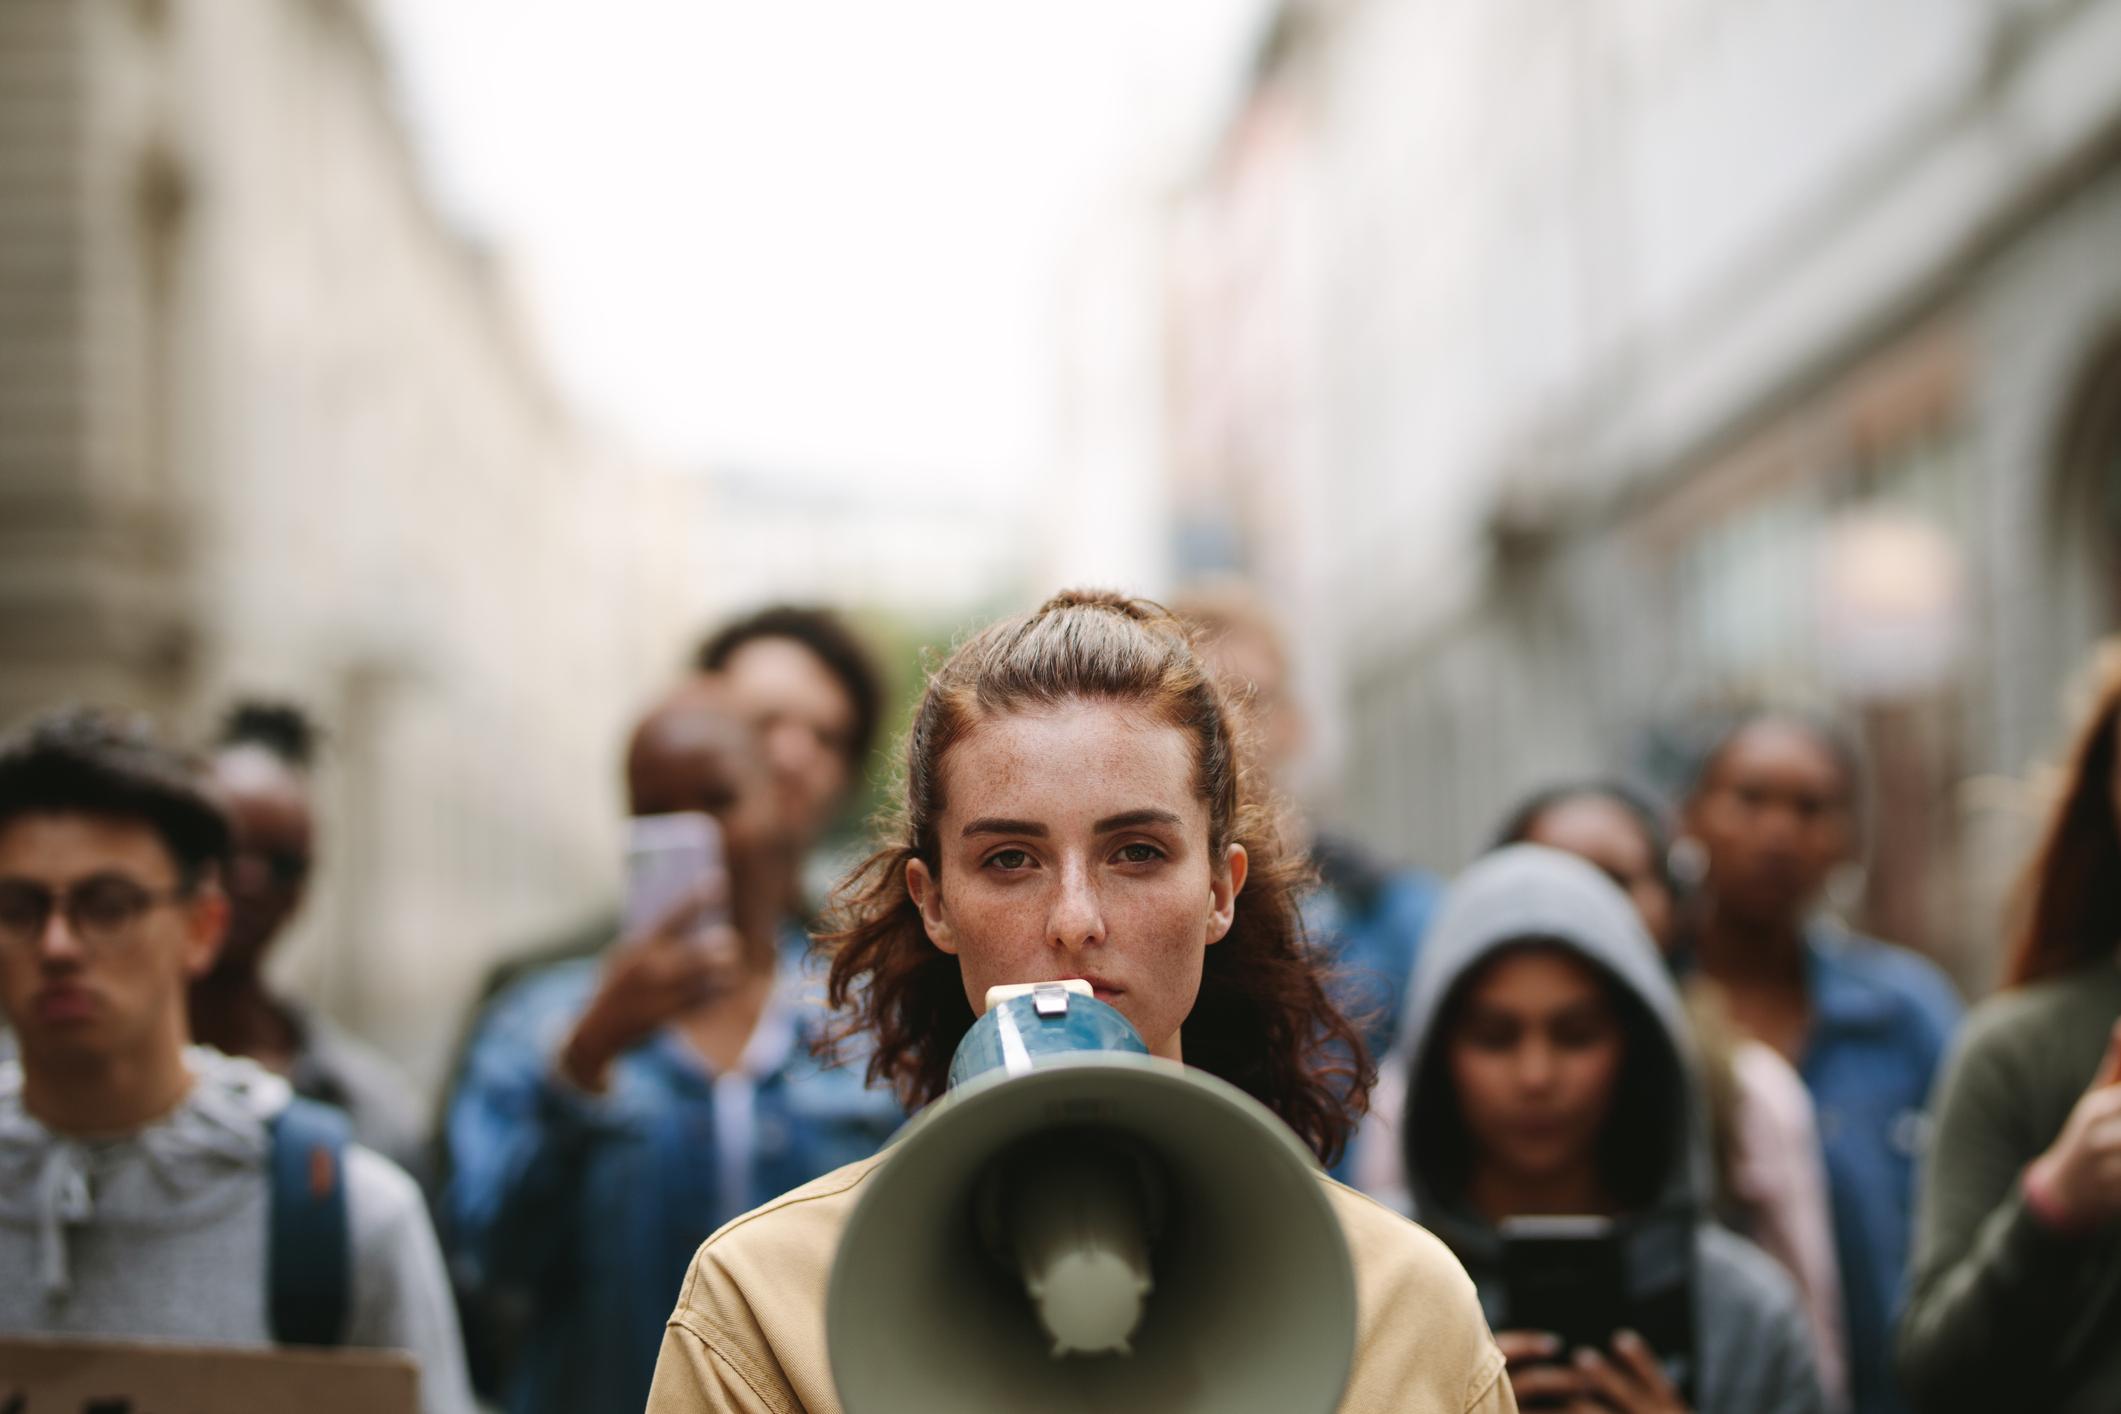 Nainen megafonin kanssa kuvan etualalla. Joukko ihmisiä taustalla.